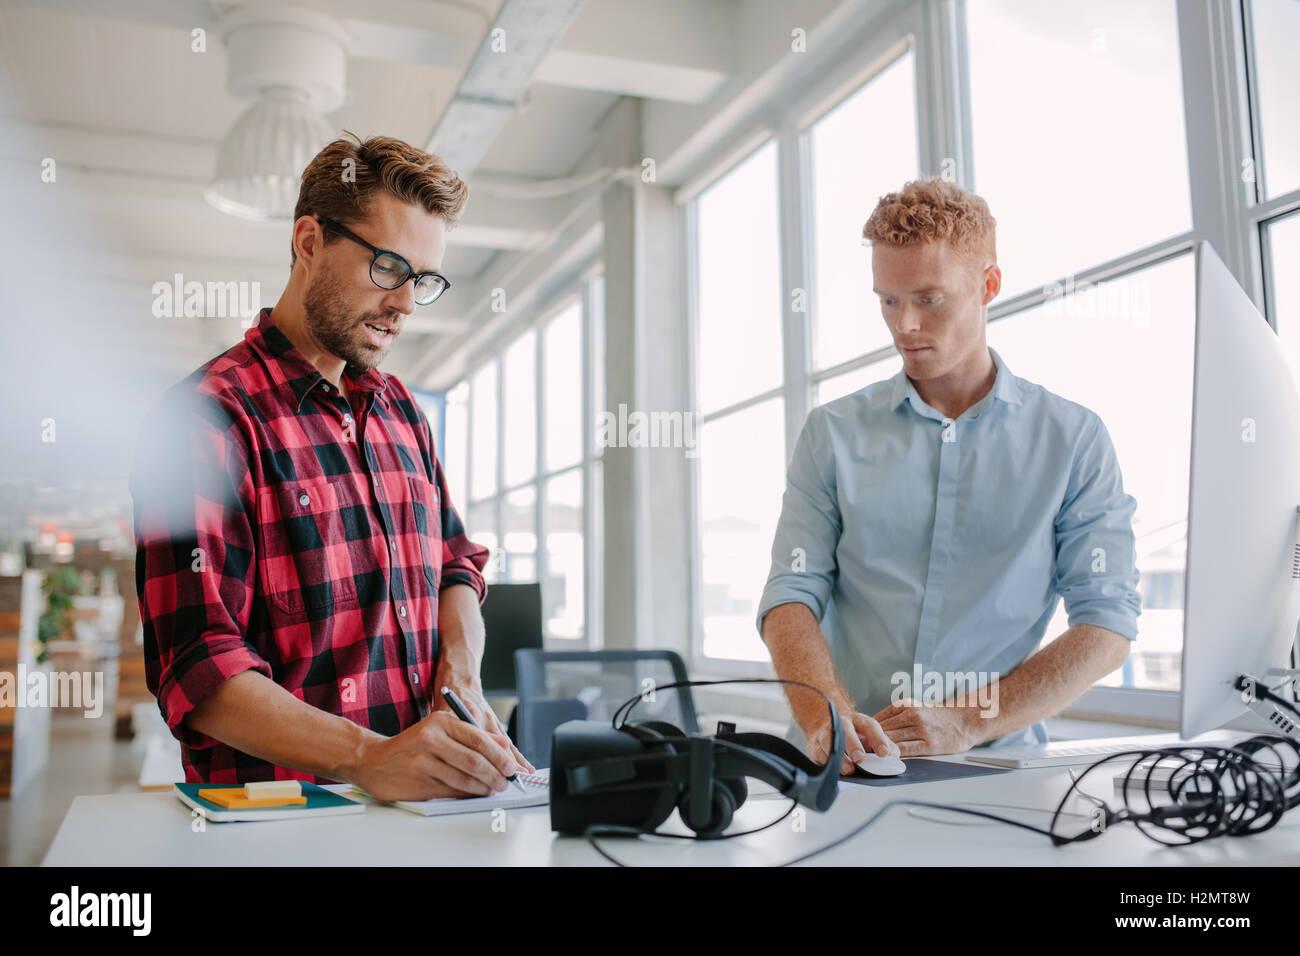 Zwei junge Unternehmer zusammen arbeiten. Sie stehen an einem Tisch mit einer virtual-Reality-Brille. Ein mit Computer Stockbild